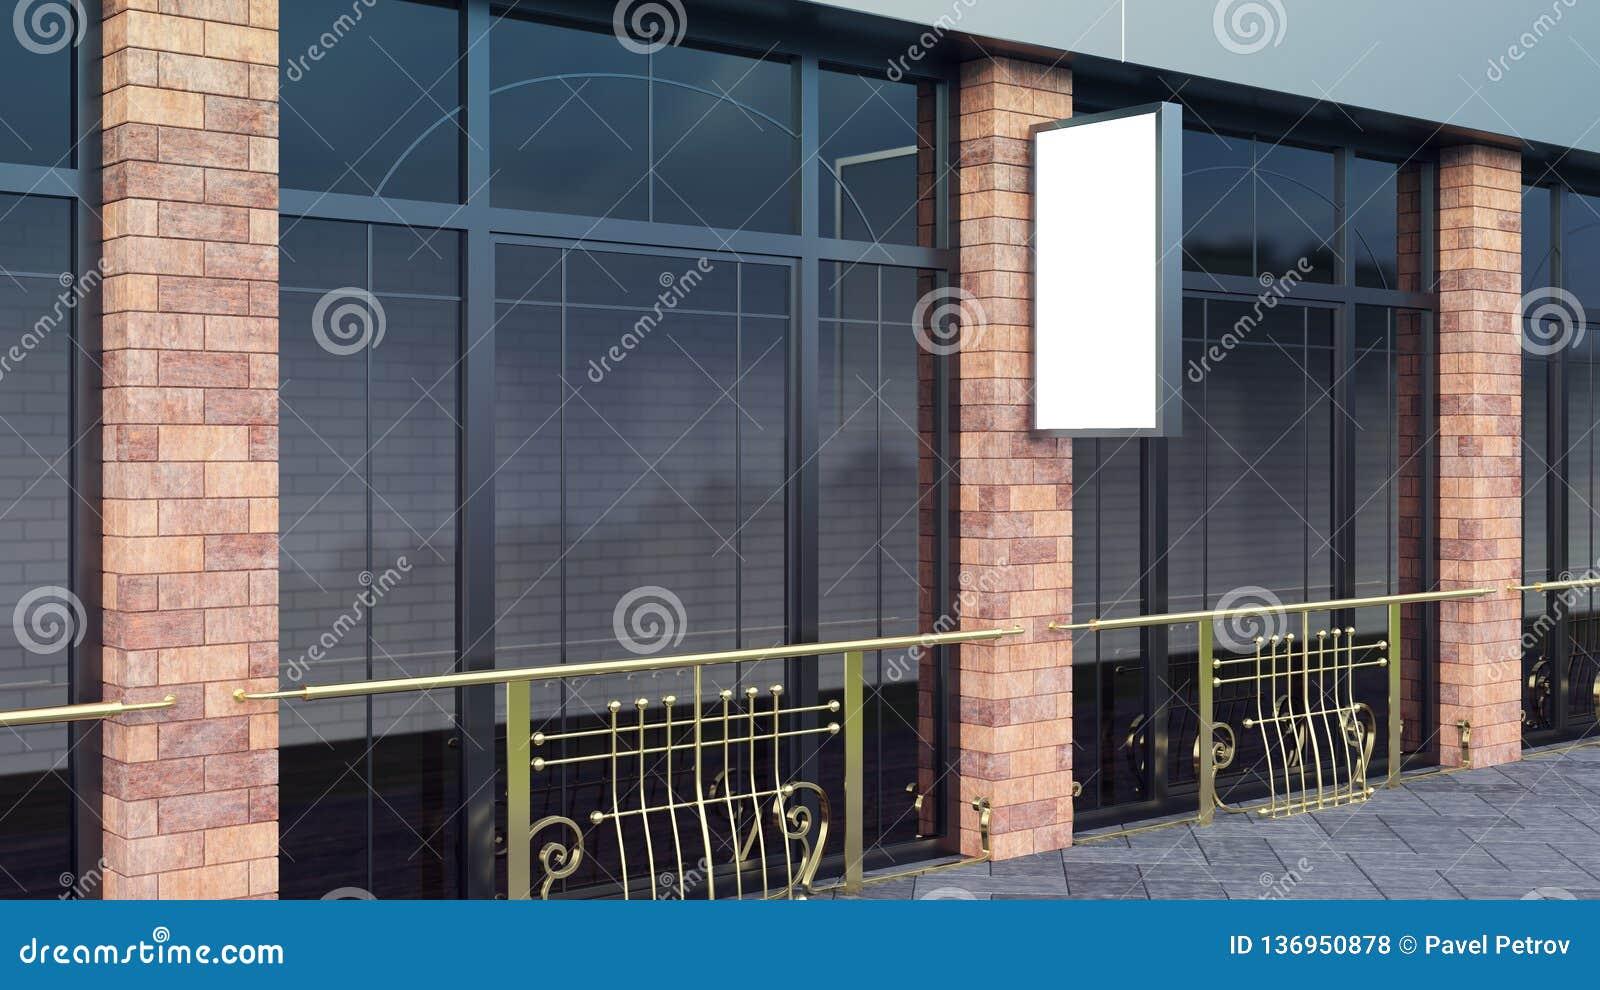 Steel Mockup on city street vertical blank billboard for demonstration of design 3d render